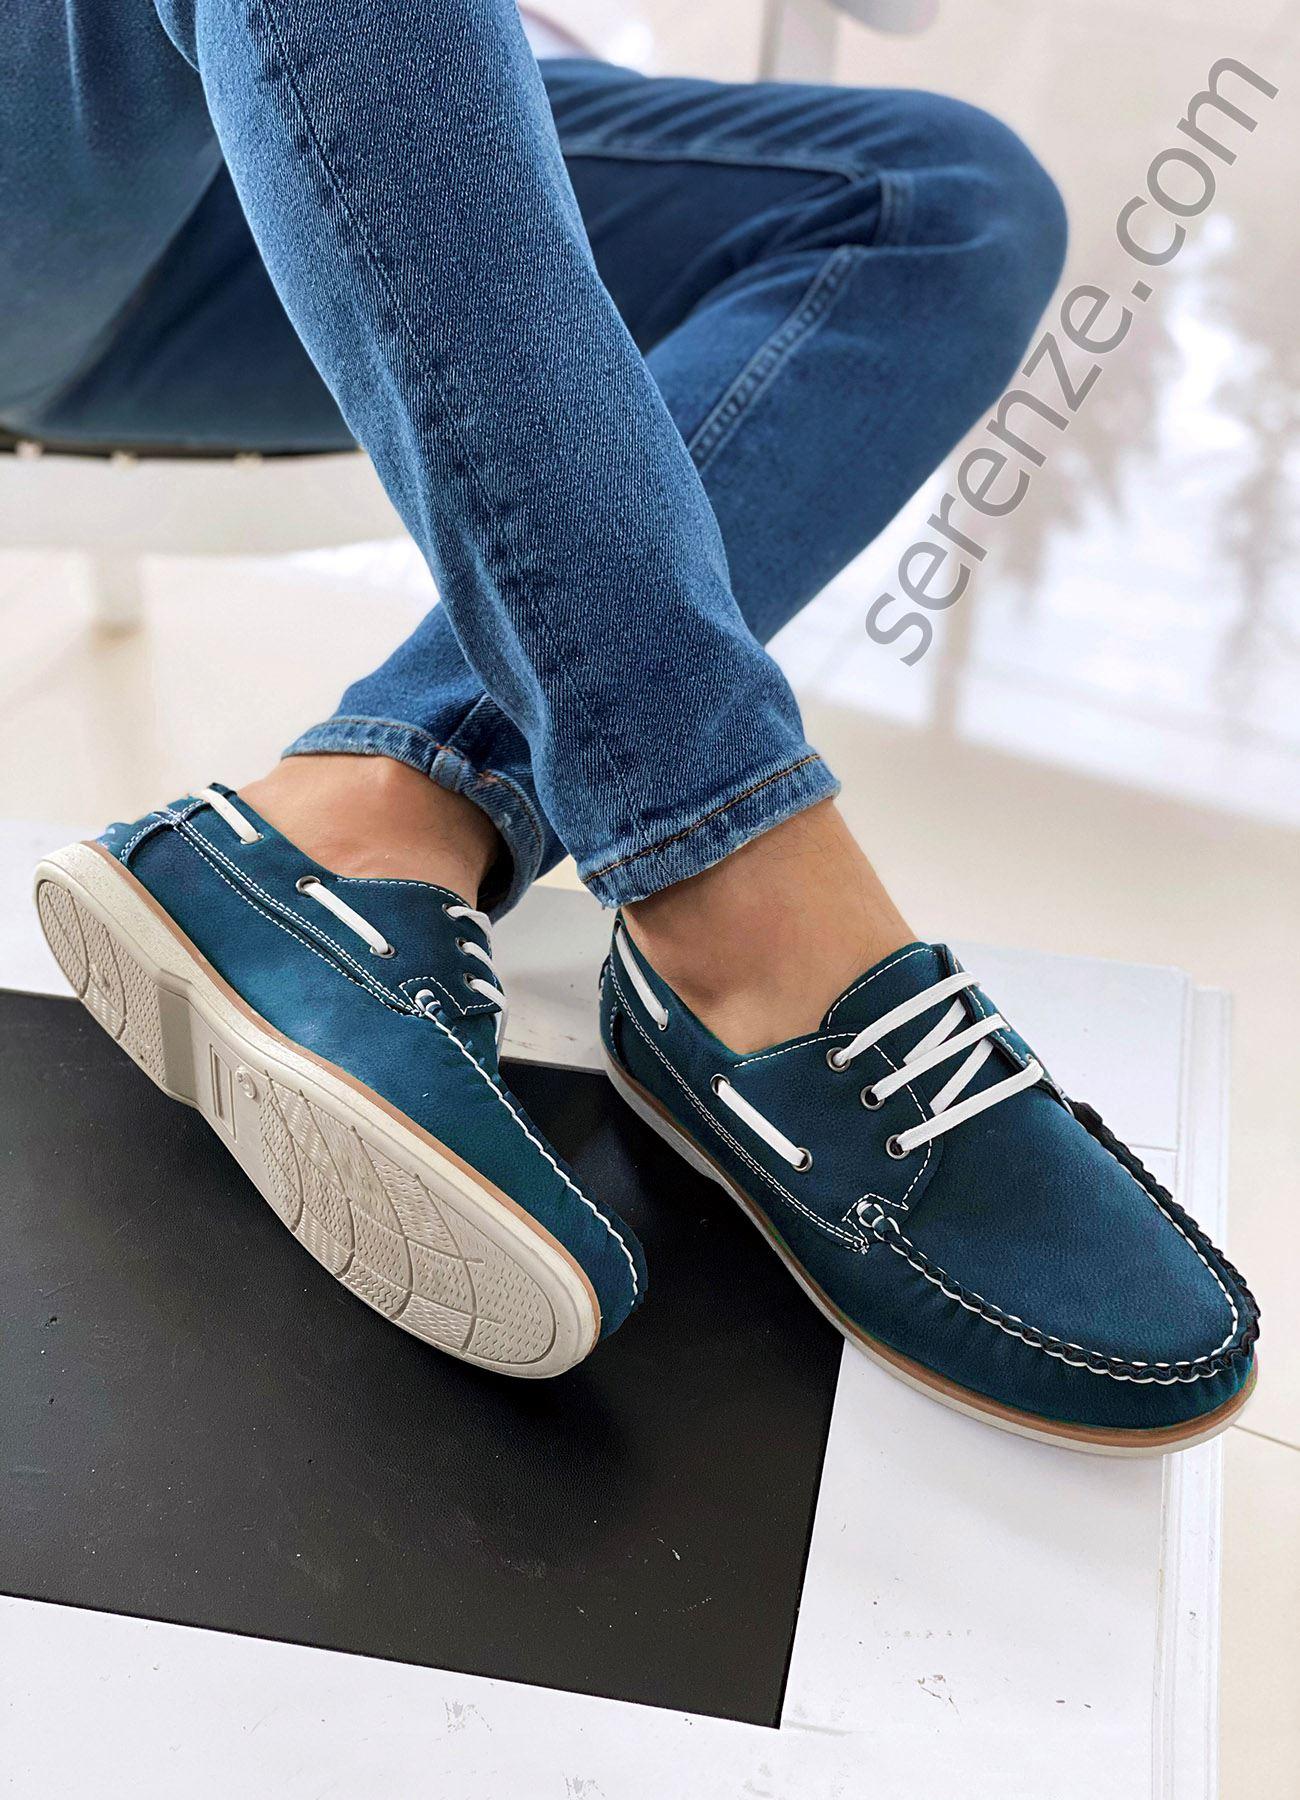 Mavi Bağcıklı Erkek Klasik Ayakkabı